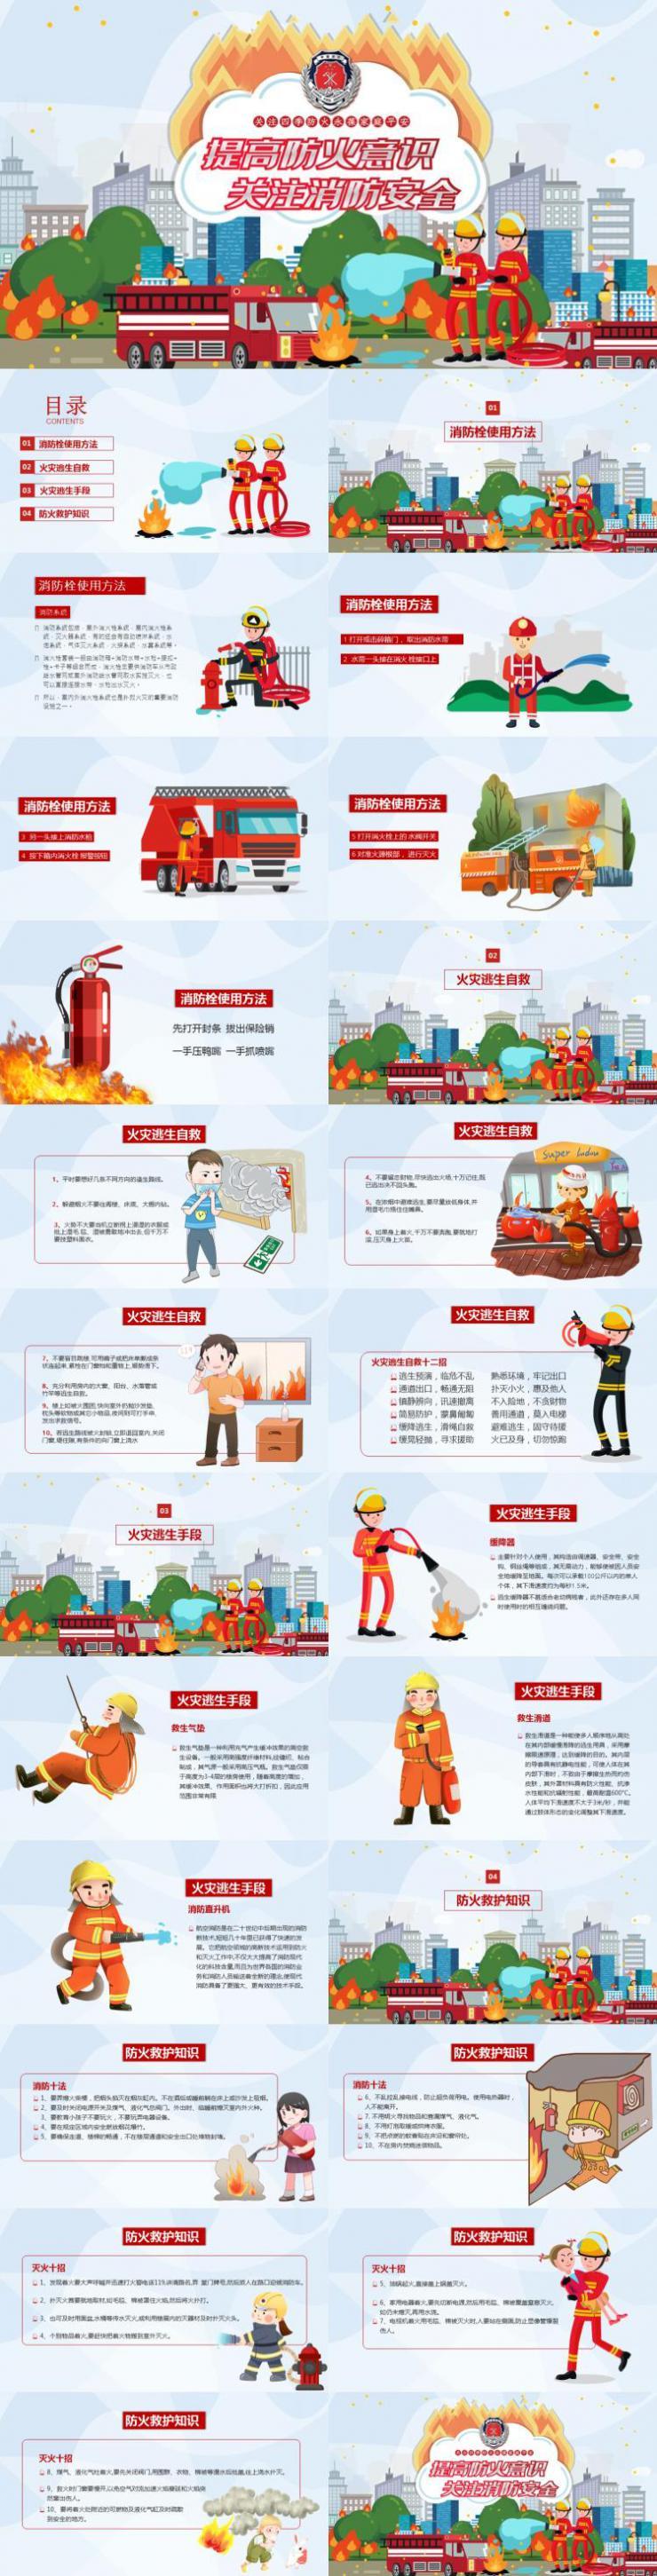 消防安全防火防灾知识宣传PPT模板